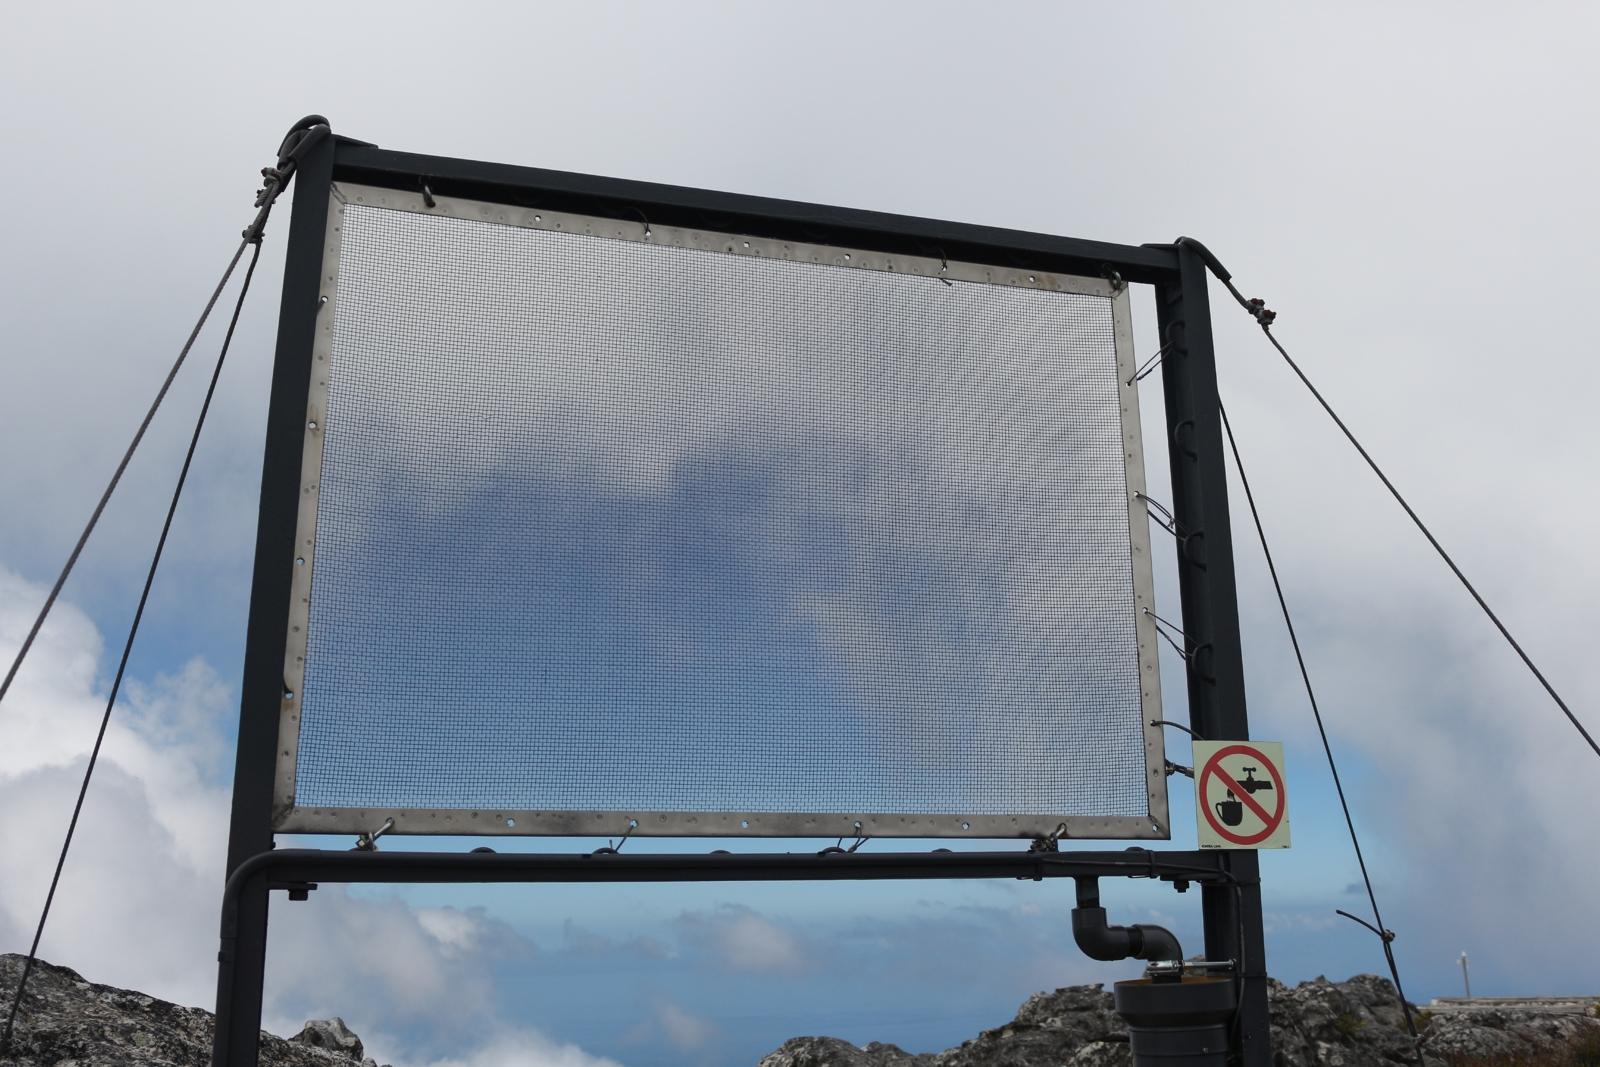 Water Works 10 - ein Nebelauffangnetz auf dem Tafelberg in Südafrika